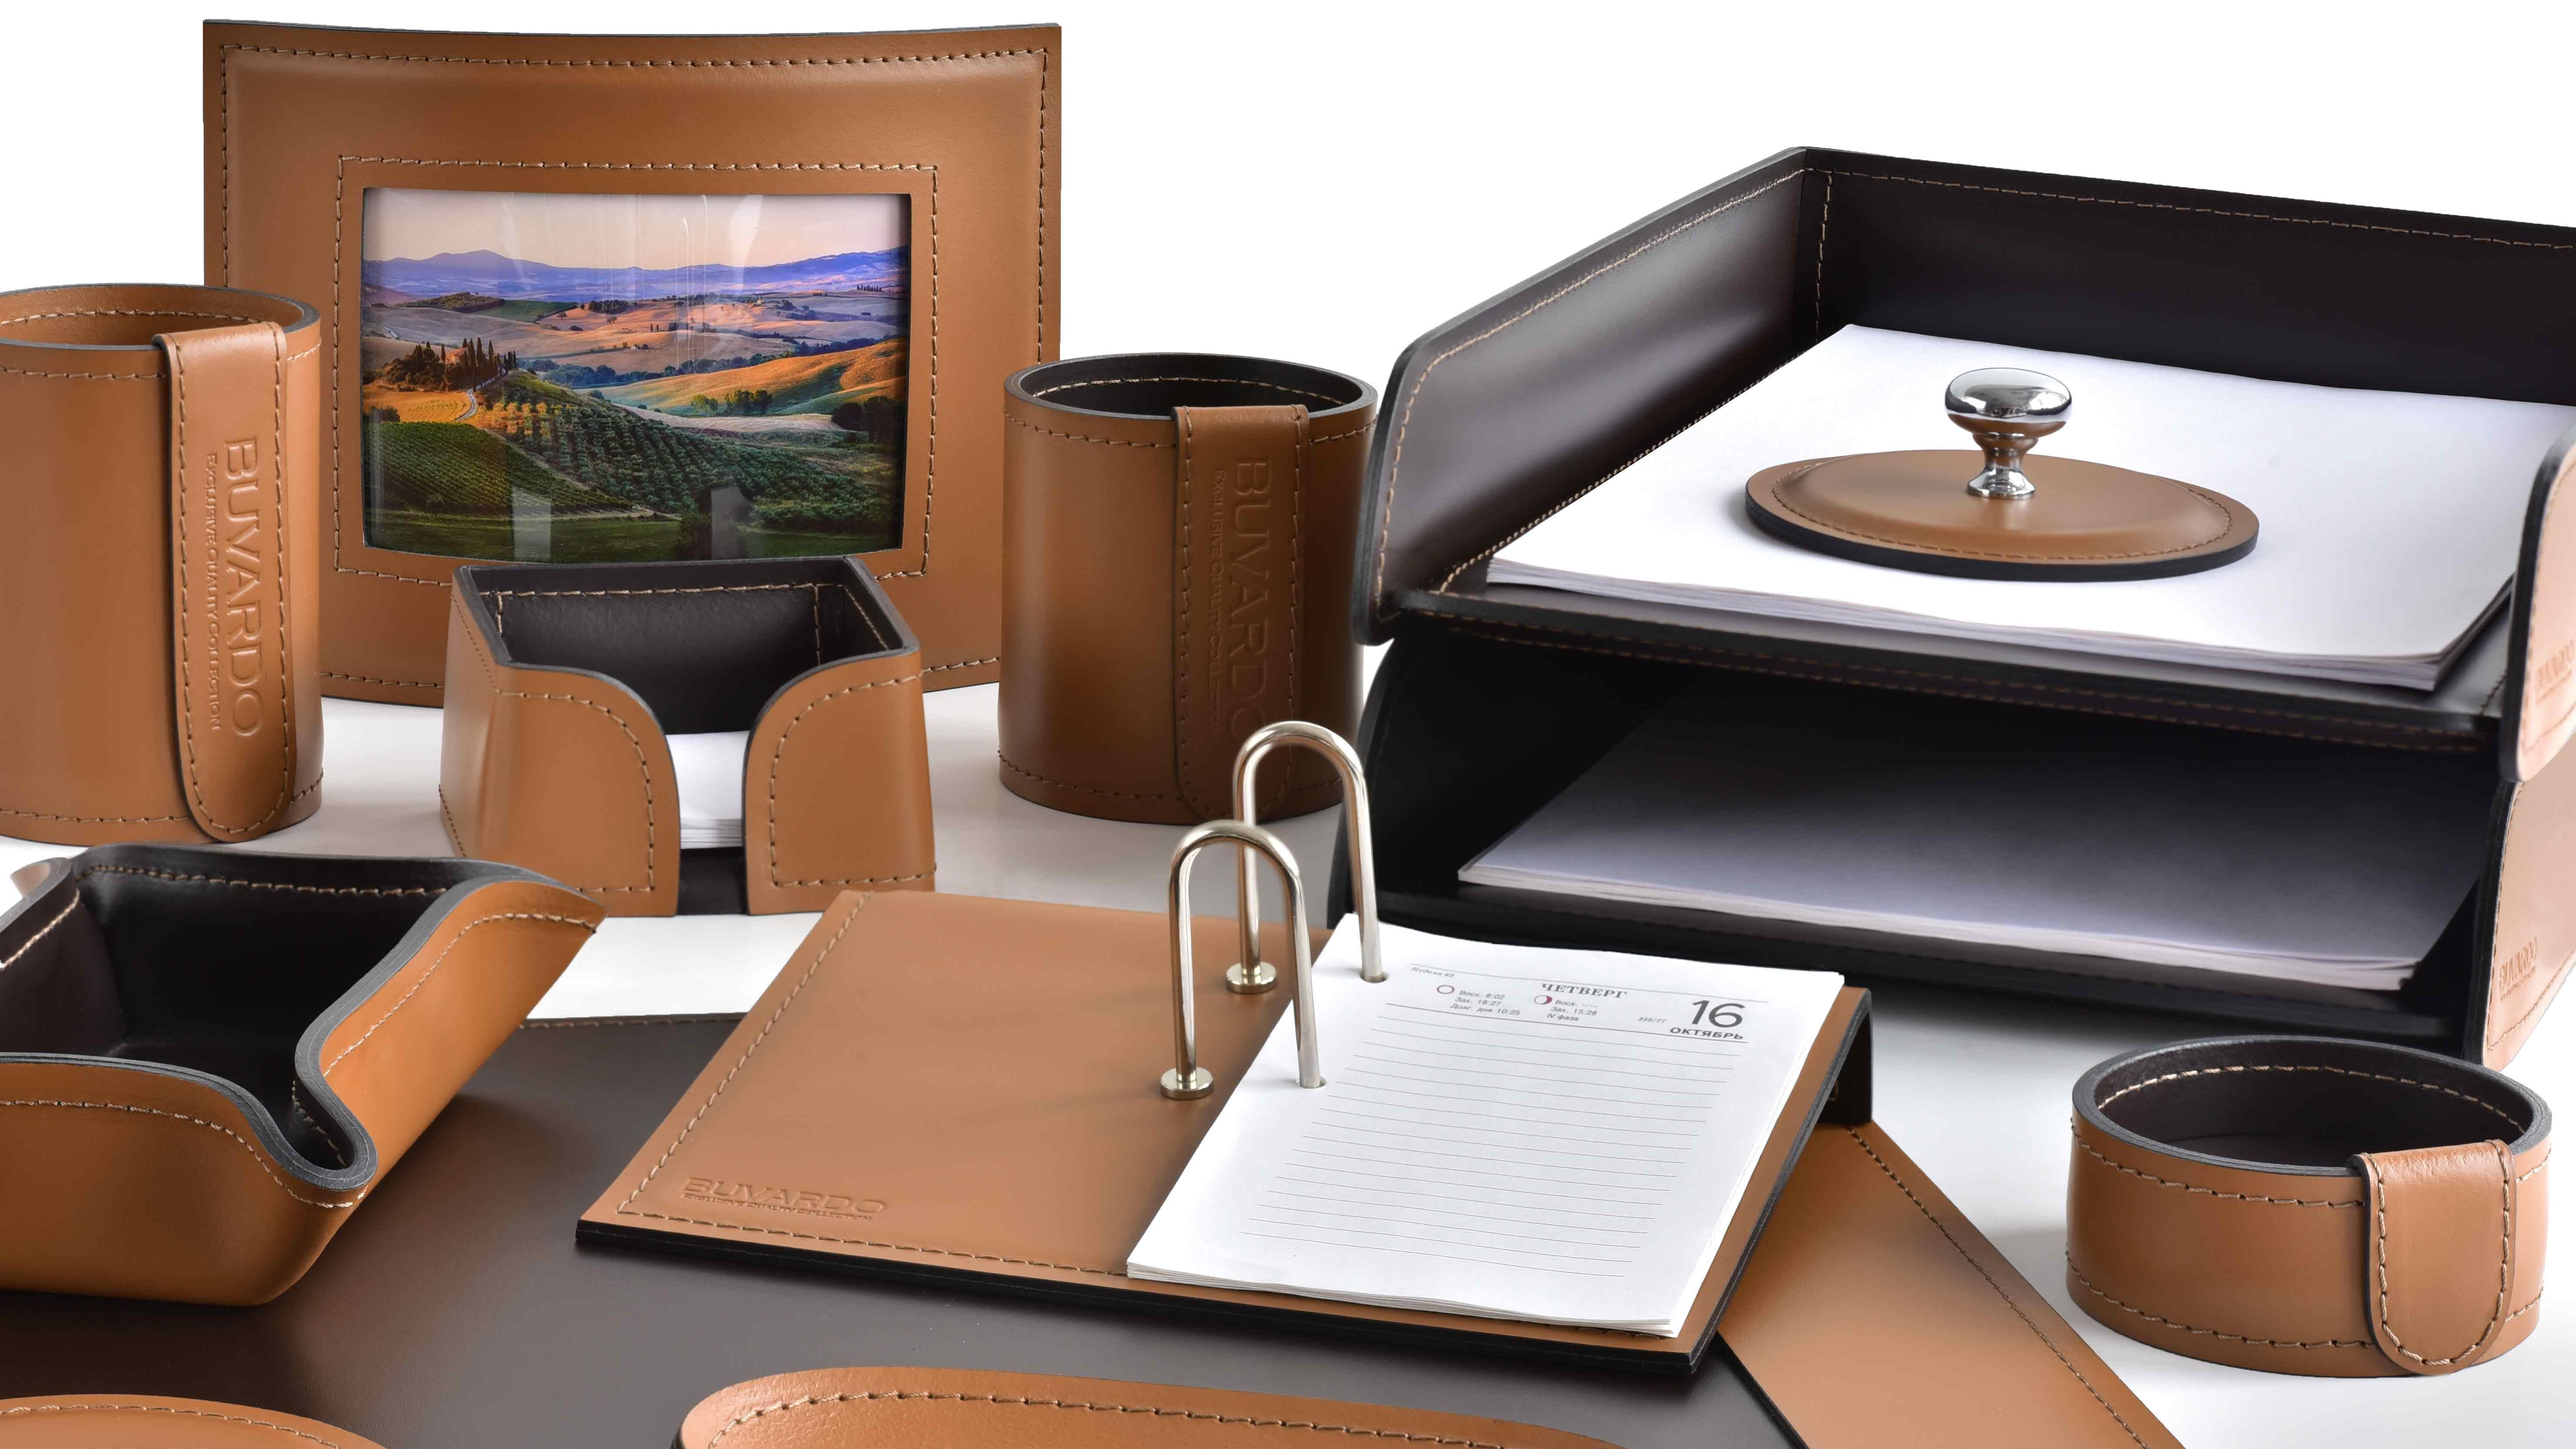 Категория наборы на стол руководителя из кожи цвет табак и шоколад.